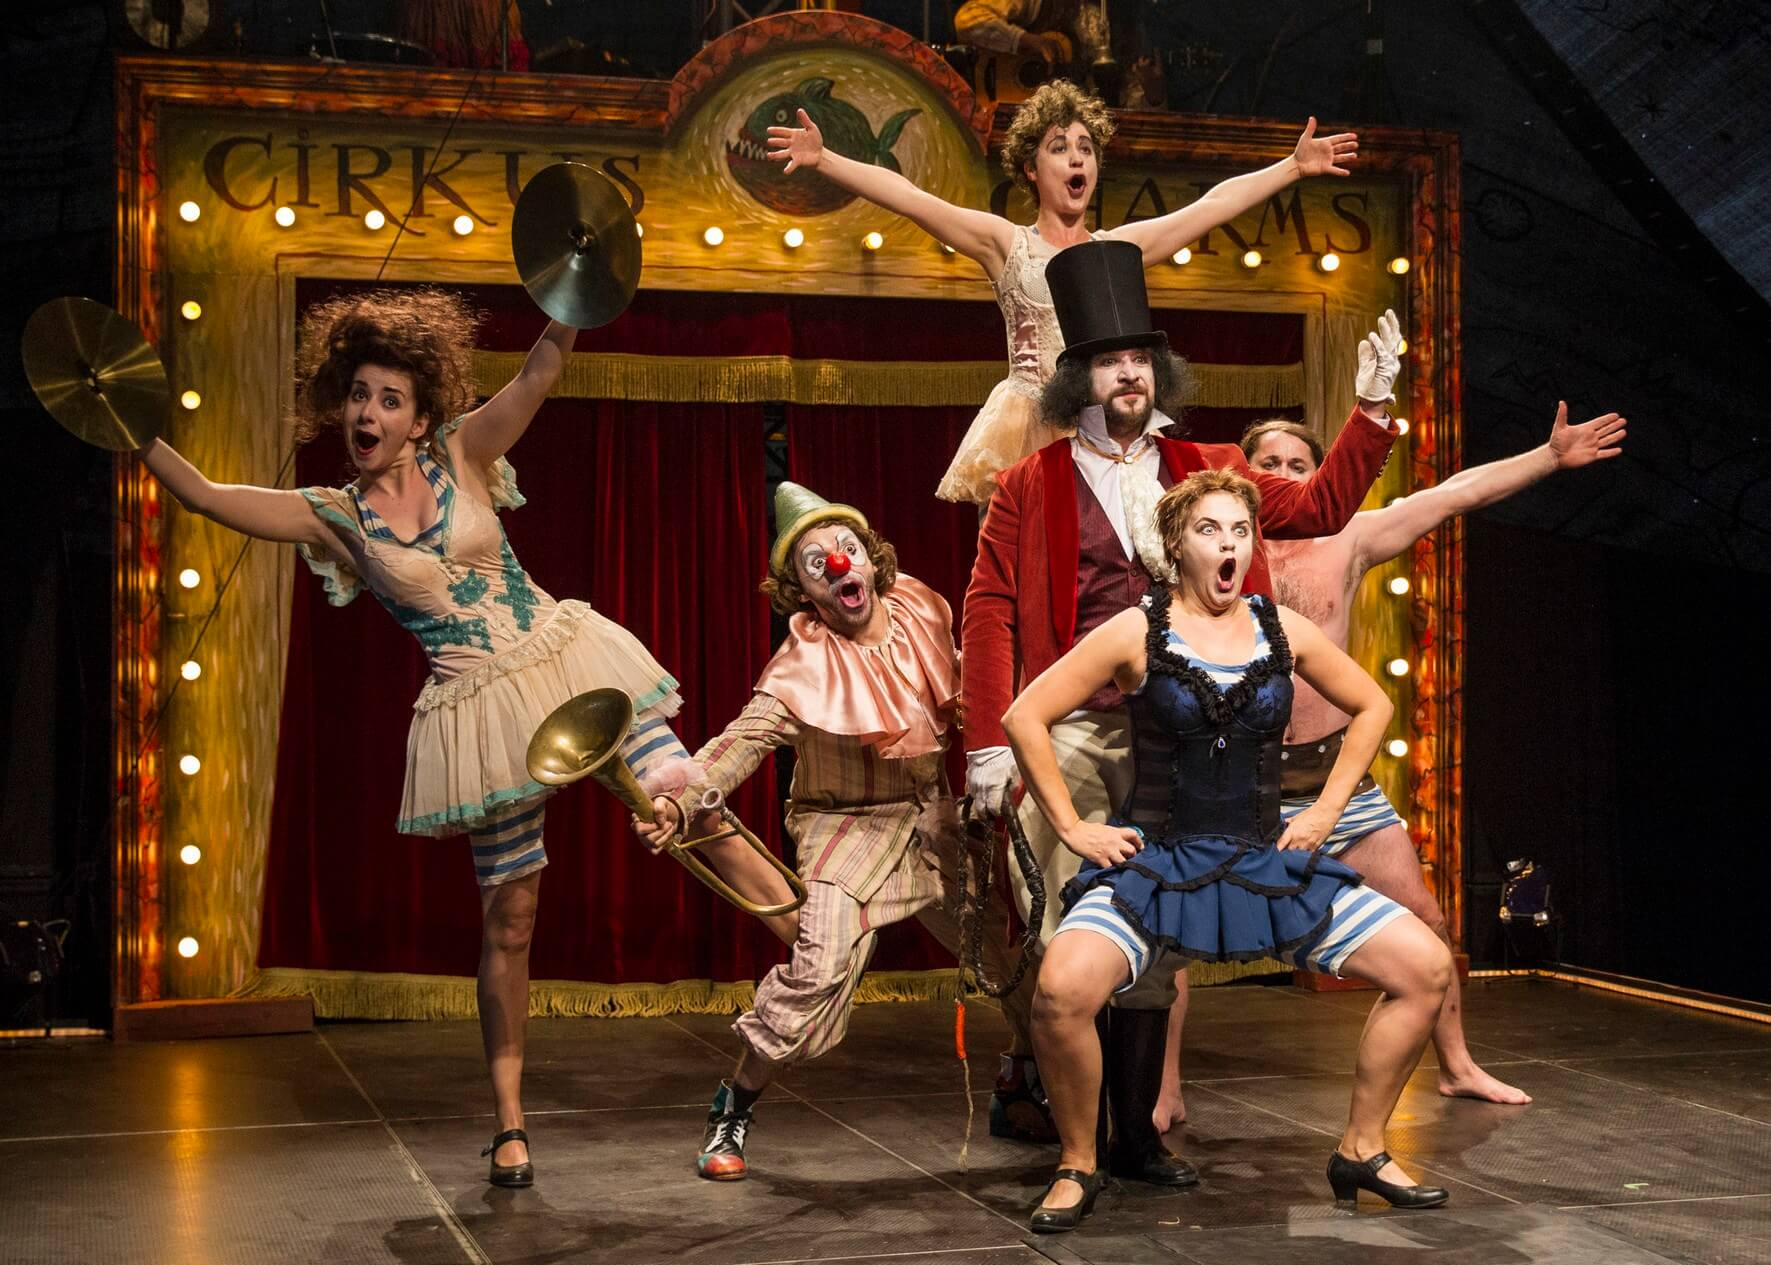 Teatro_tatro_Cirkus_Charms_1